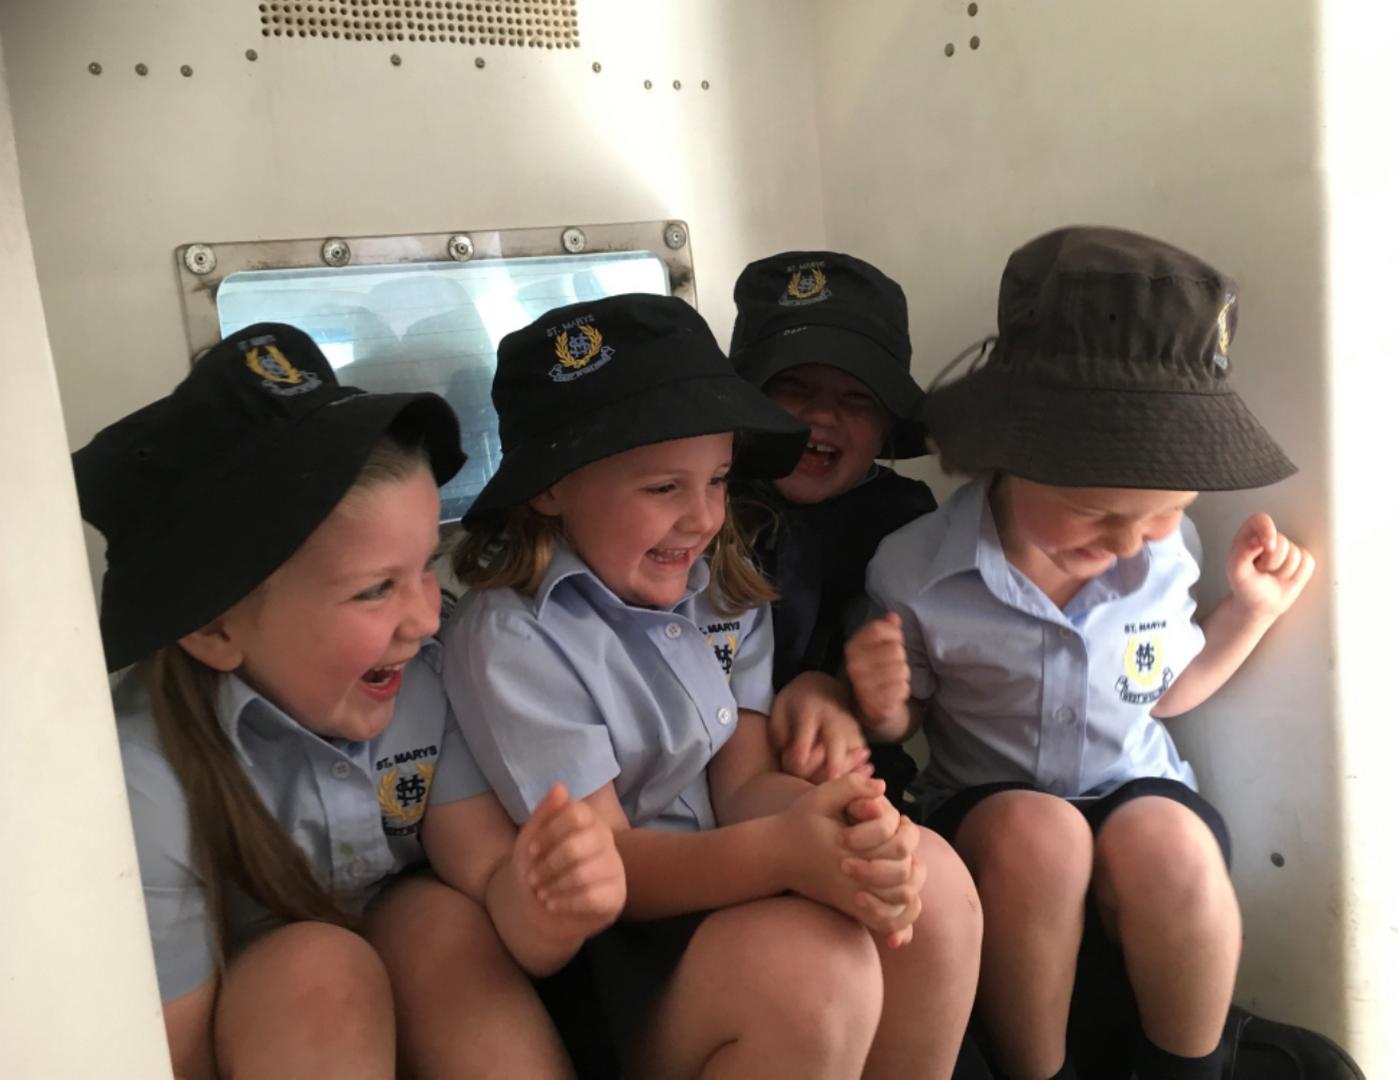 Kinder Police 1